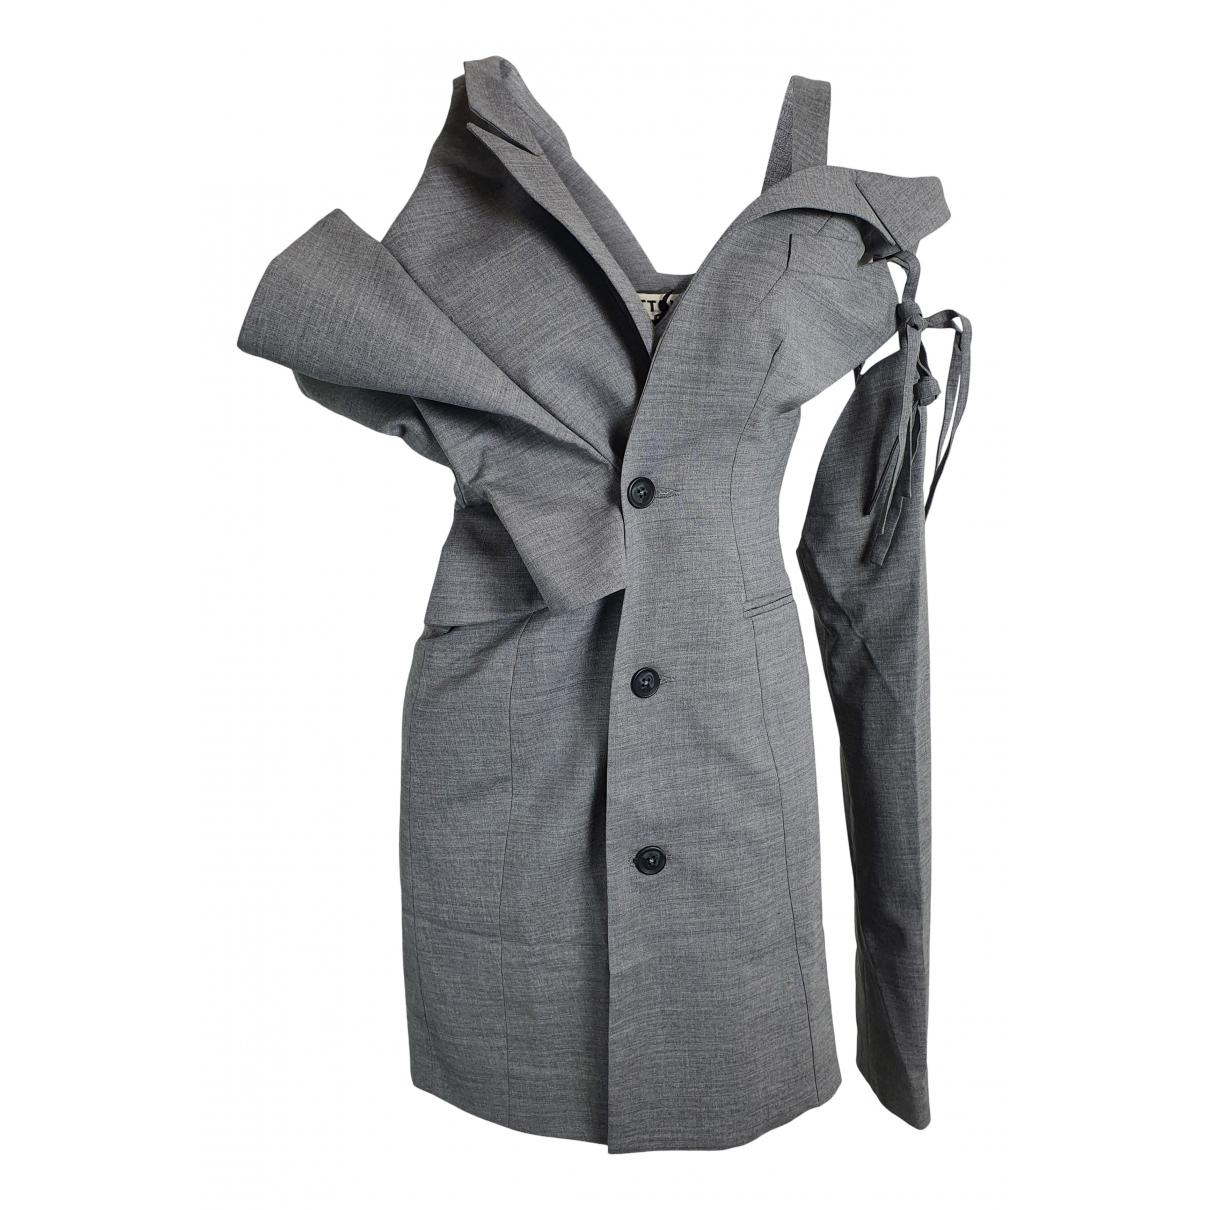 Ottolinger \N Kleid in  Grau Wolle